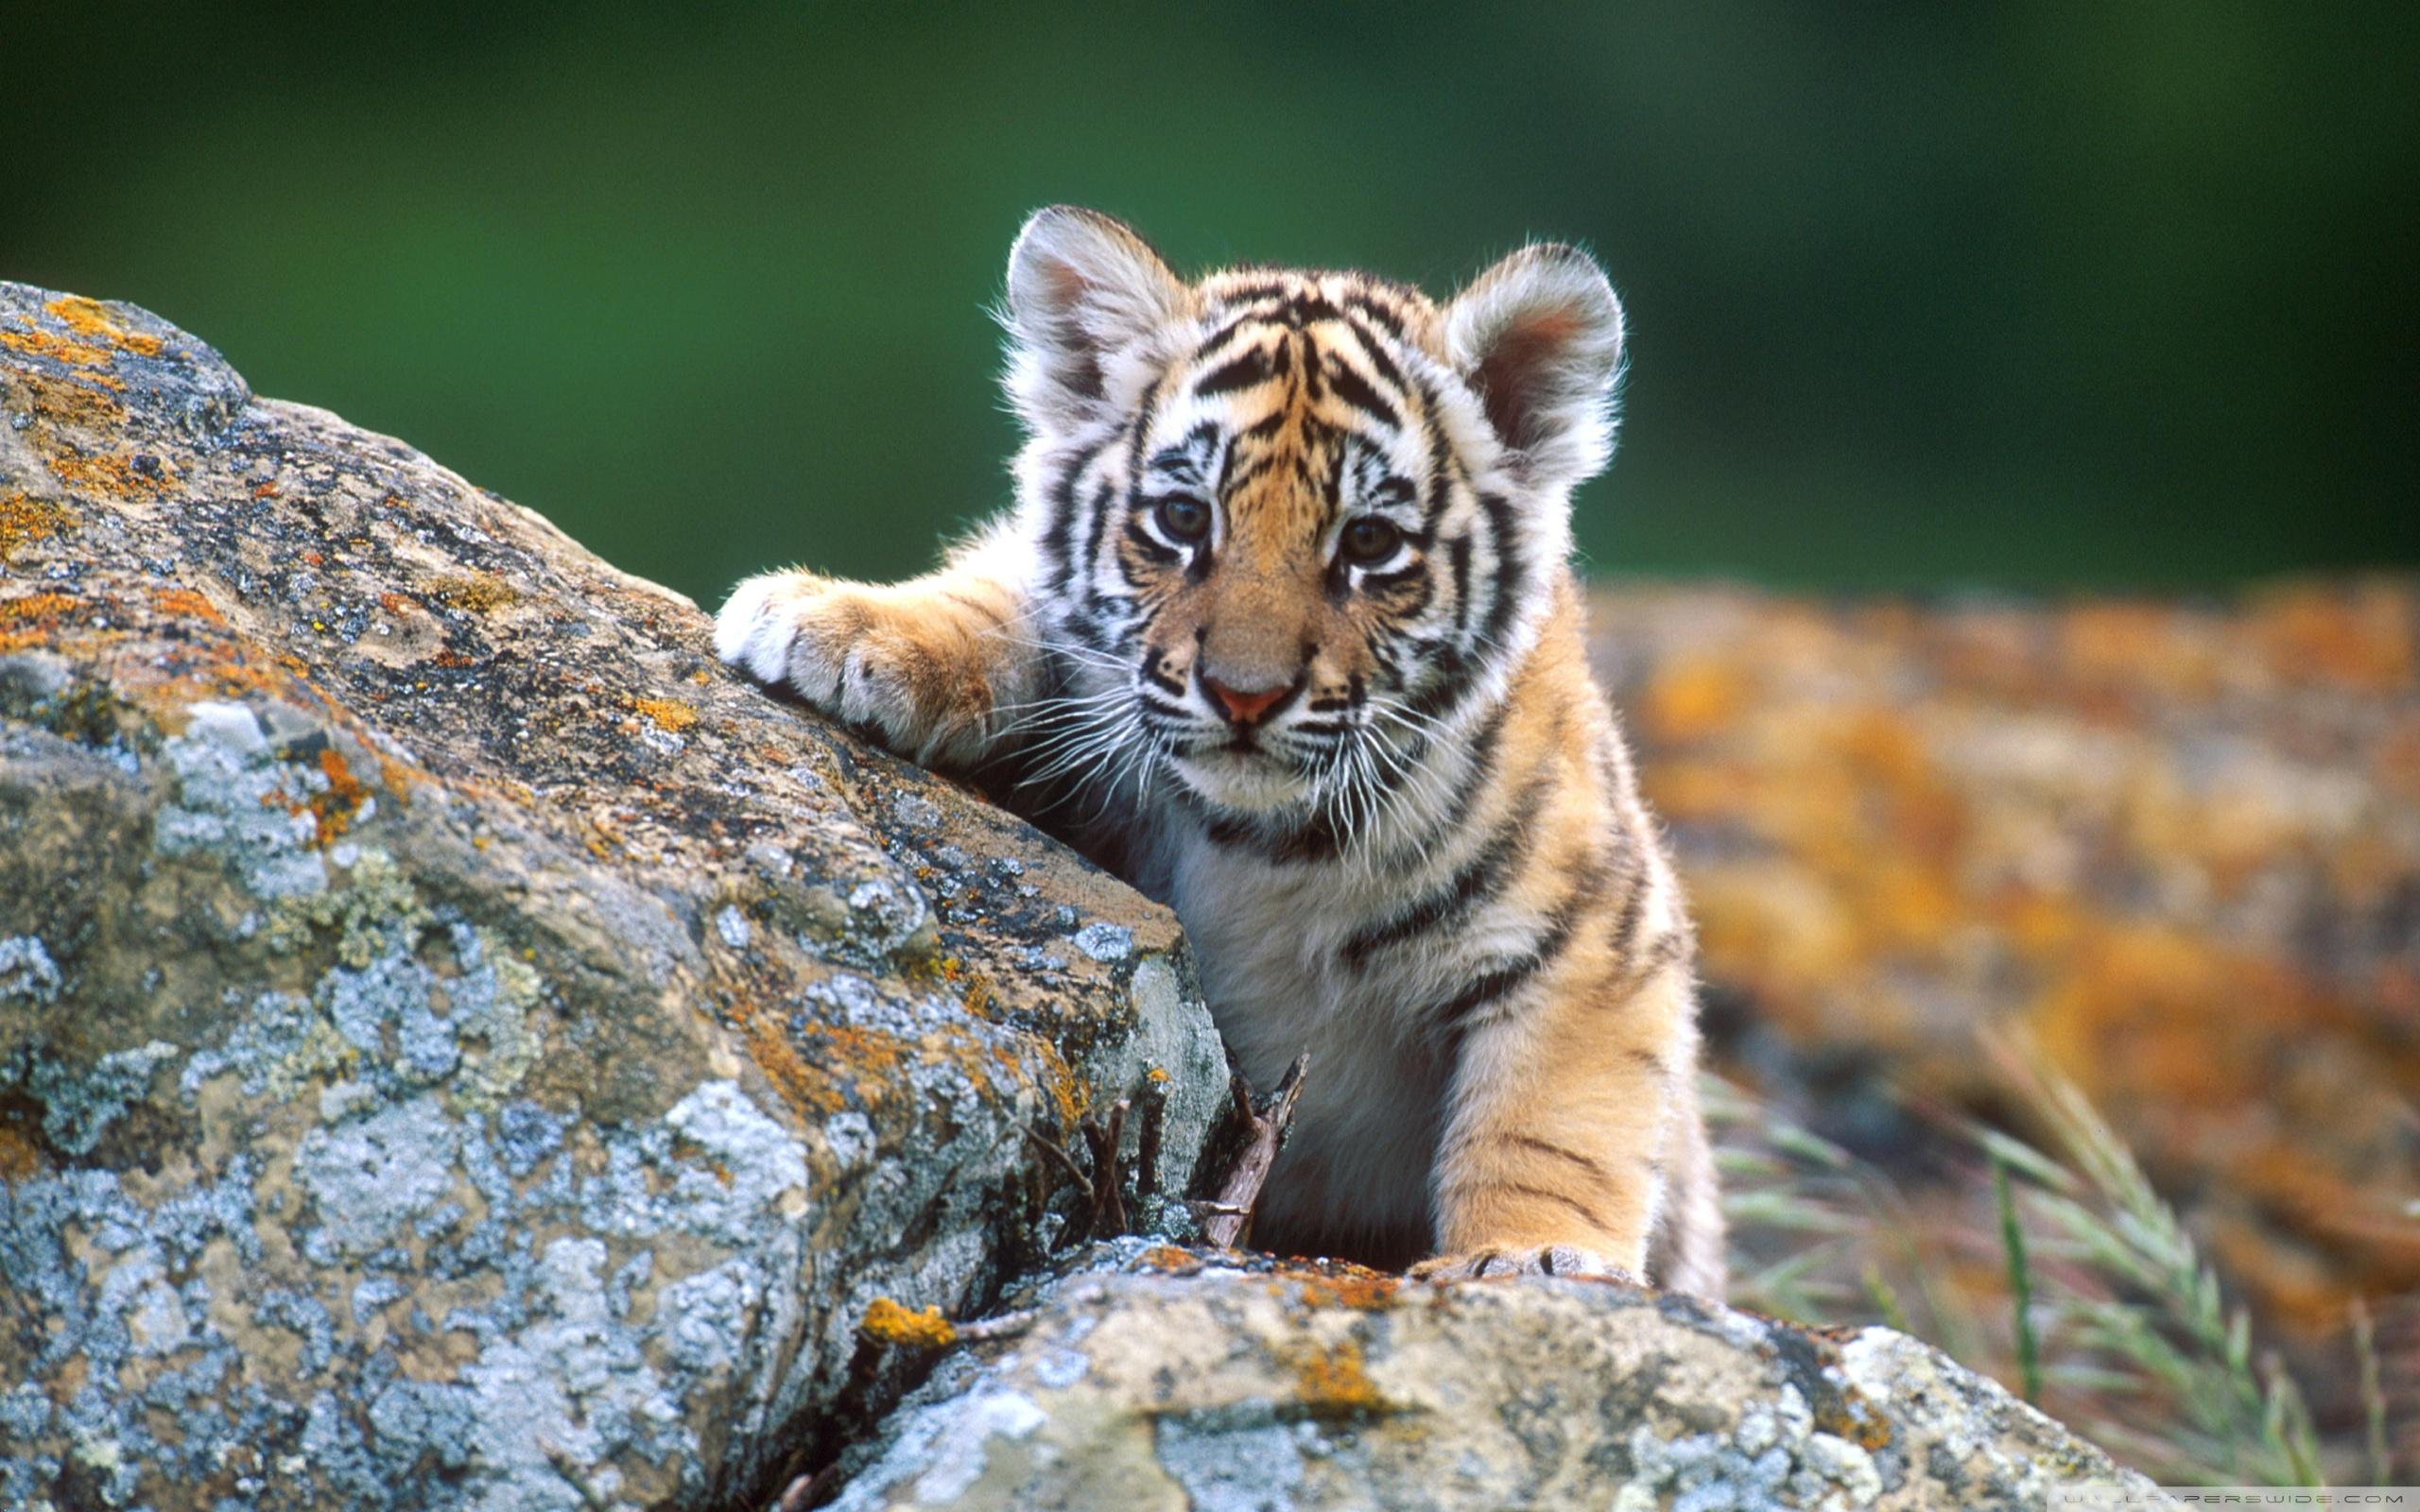 Tiger Cub ❤ 4K HD Desktop Wallpaper for 4K Ultra HD TV • Tablet ...